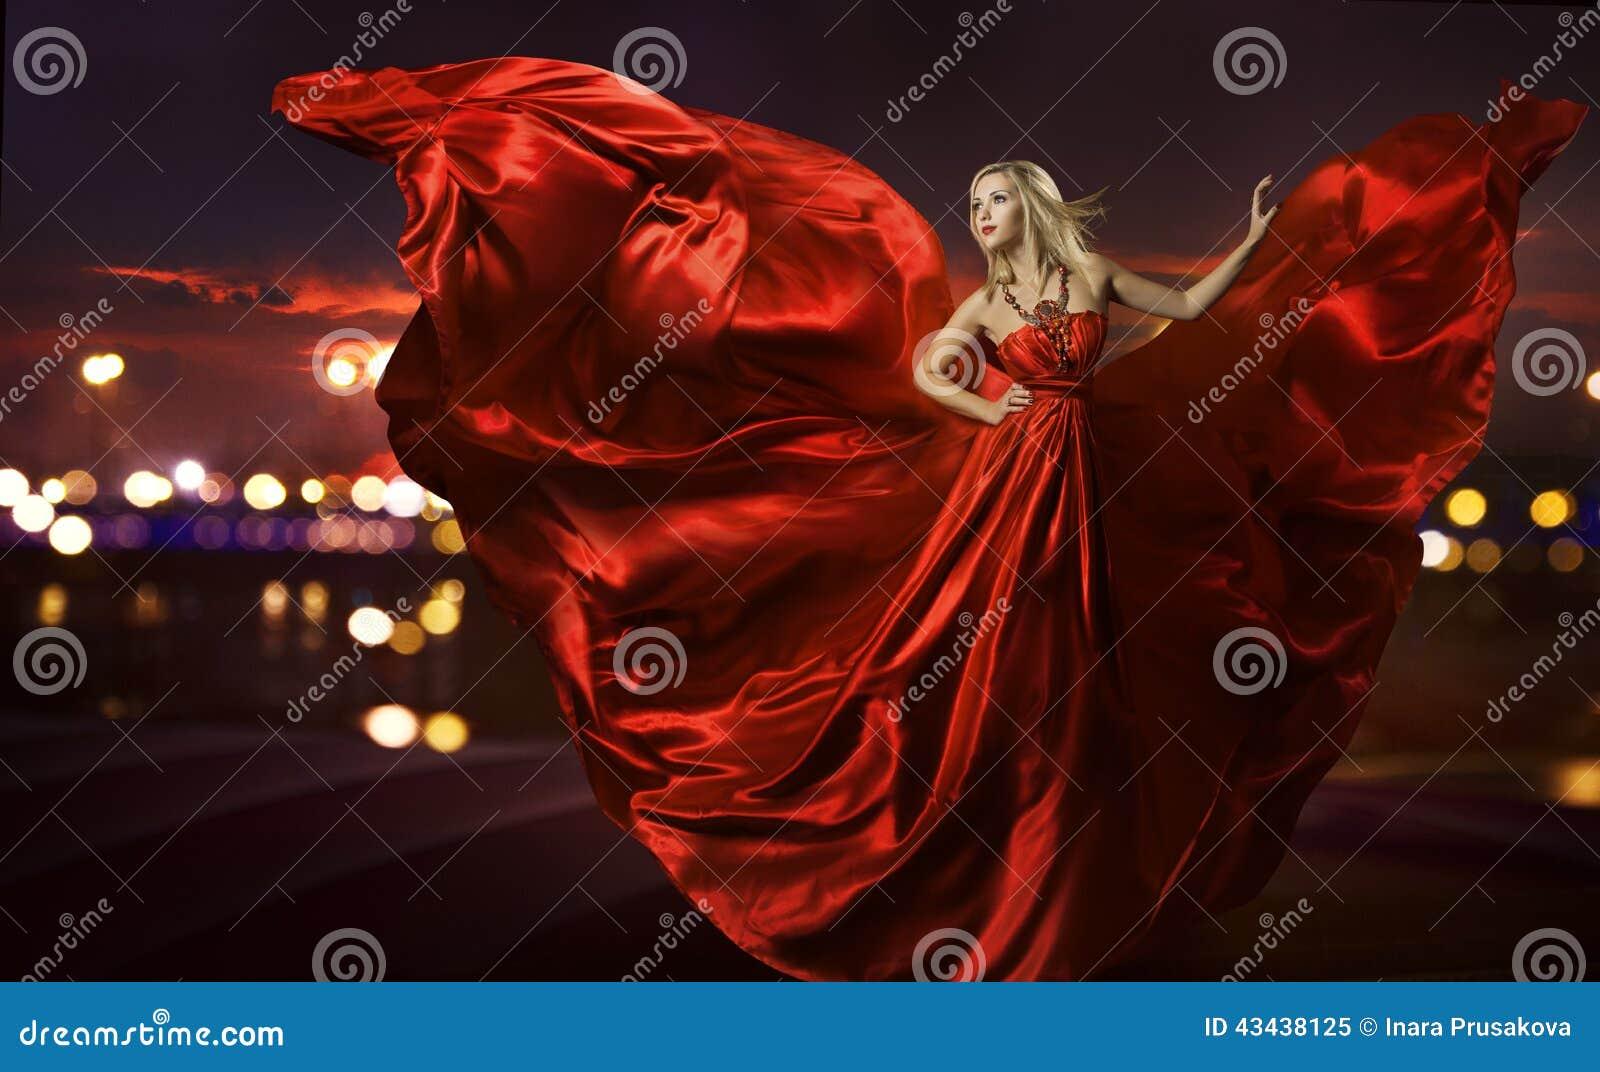 Baile en el vestido de seda, el soplar rojo artístico de la mujer